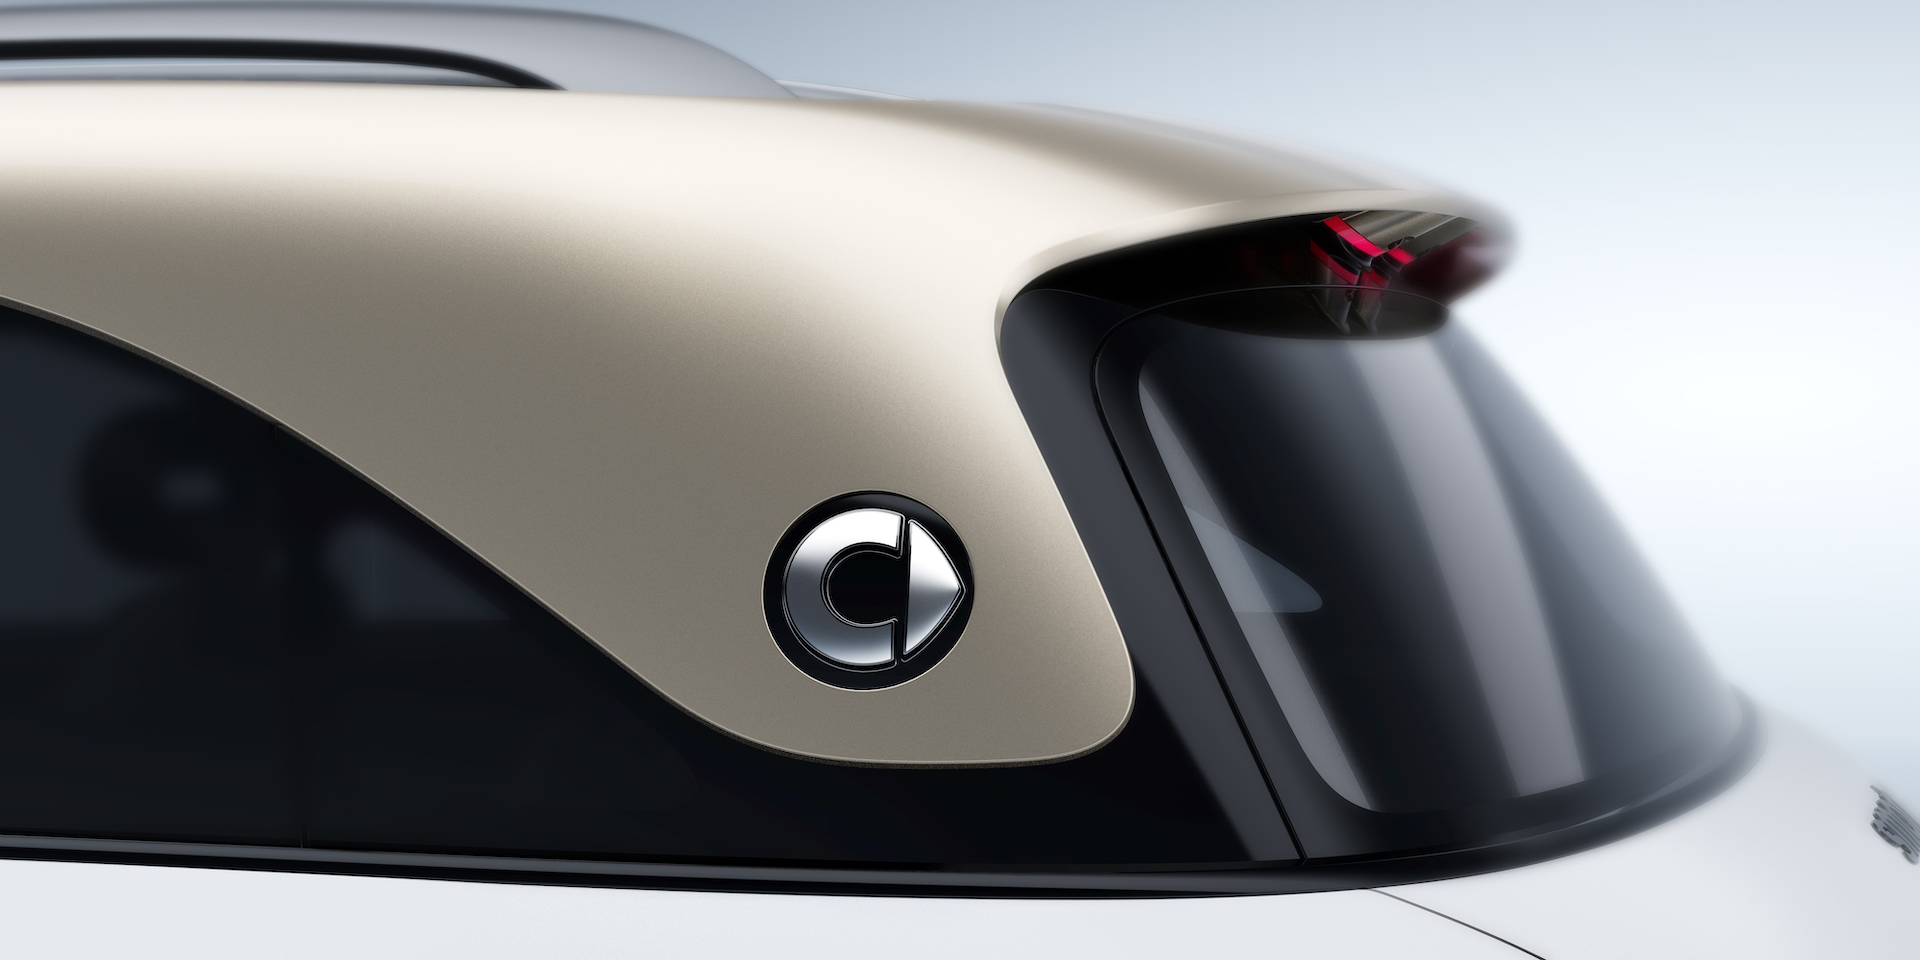 smart adelanta cómo será su nuevo auto eléctrico: imágenes